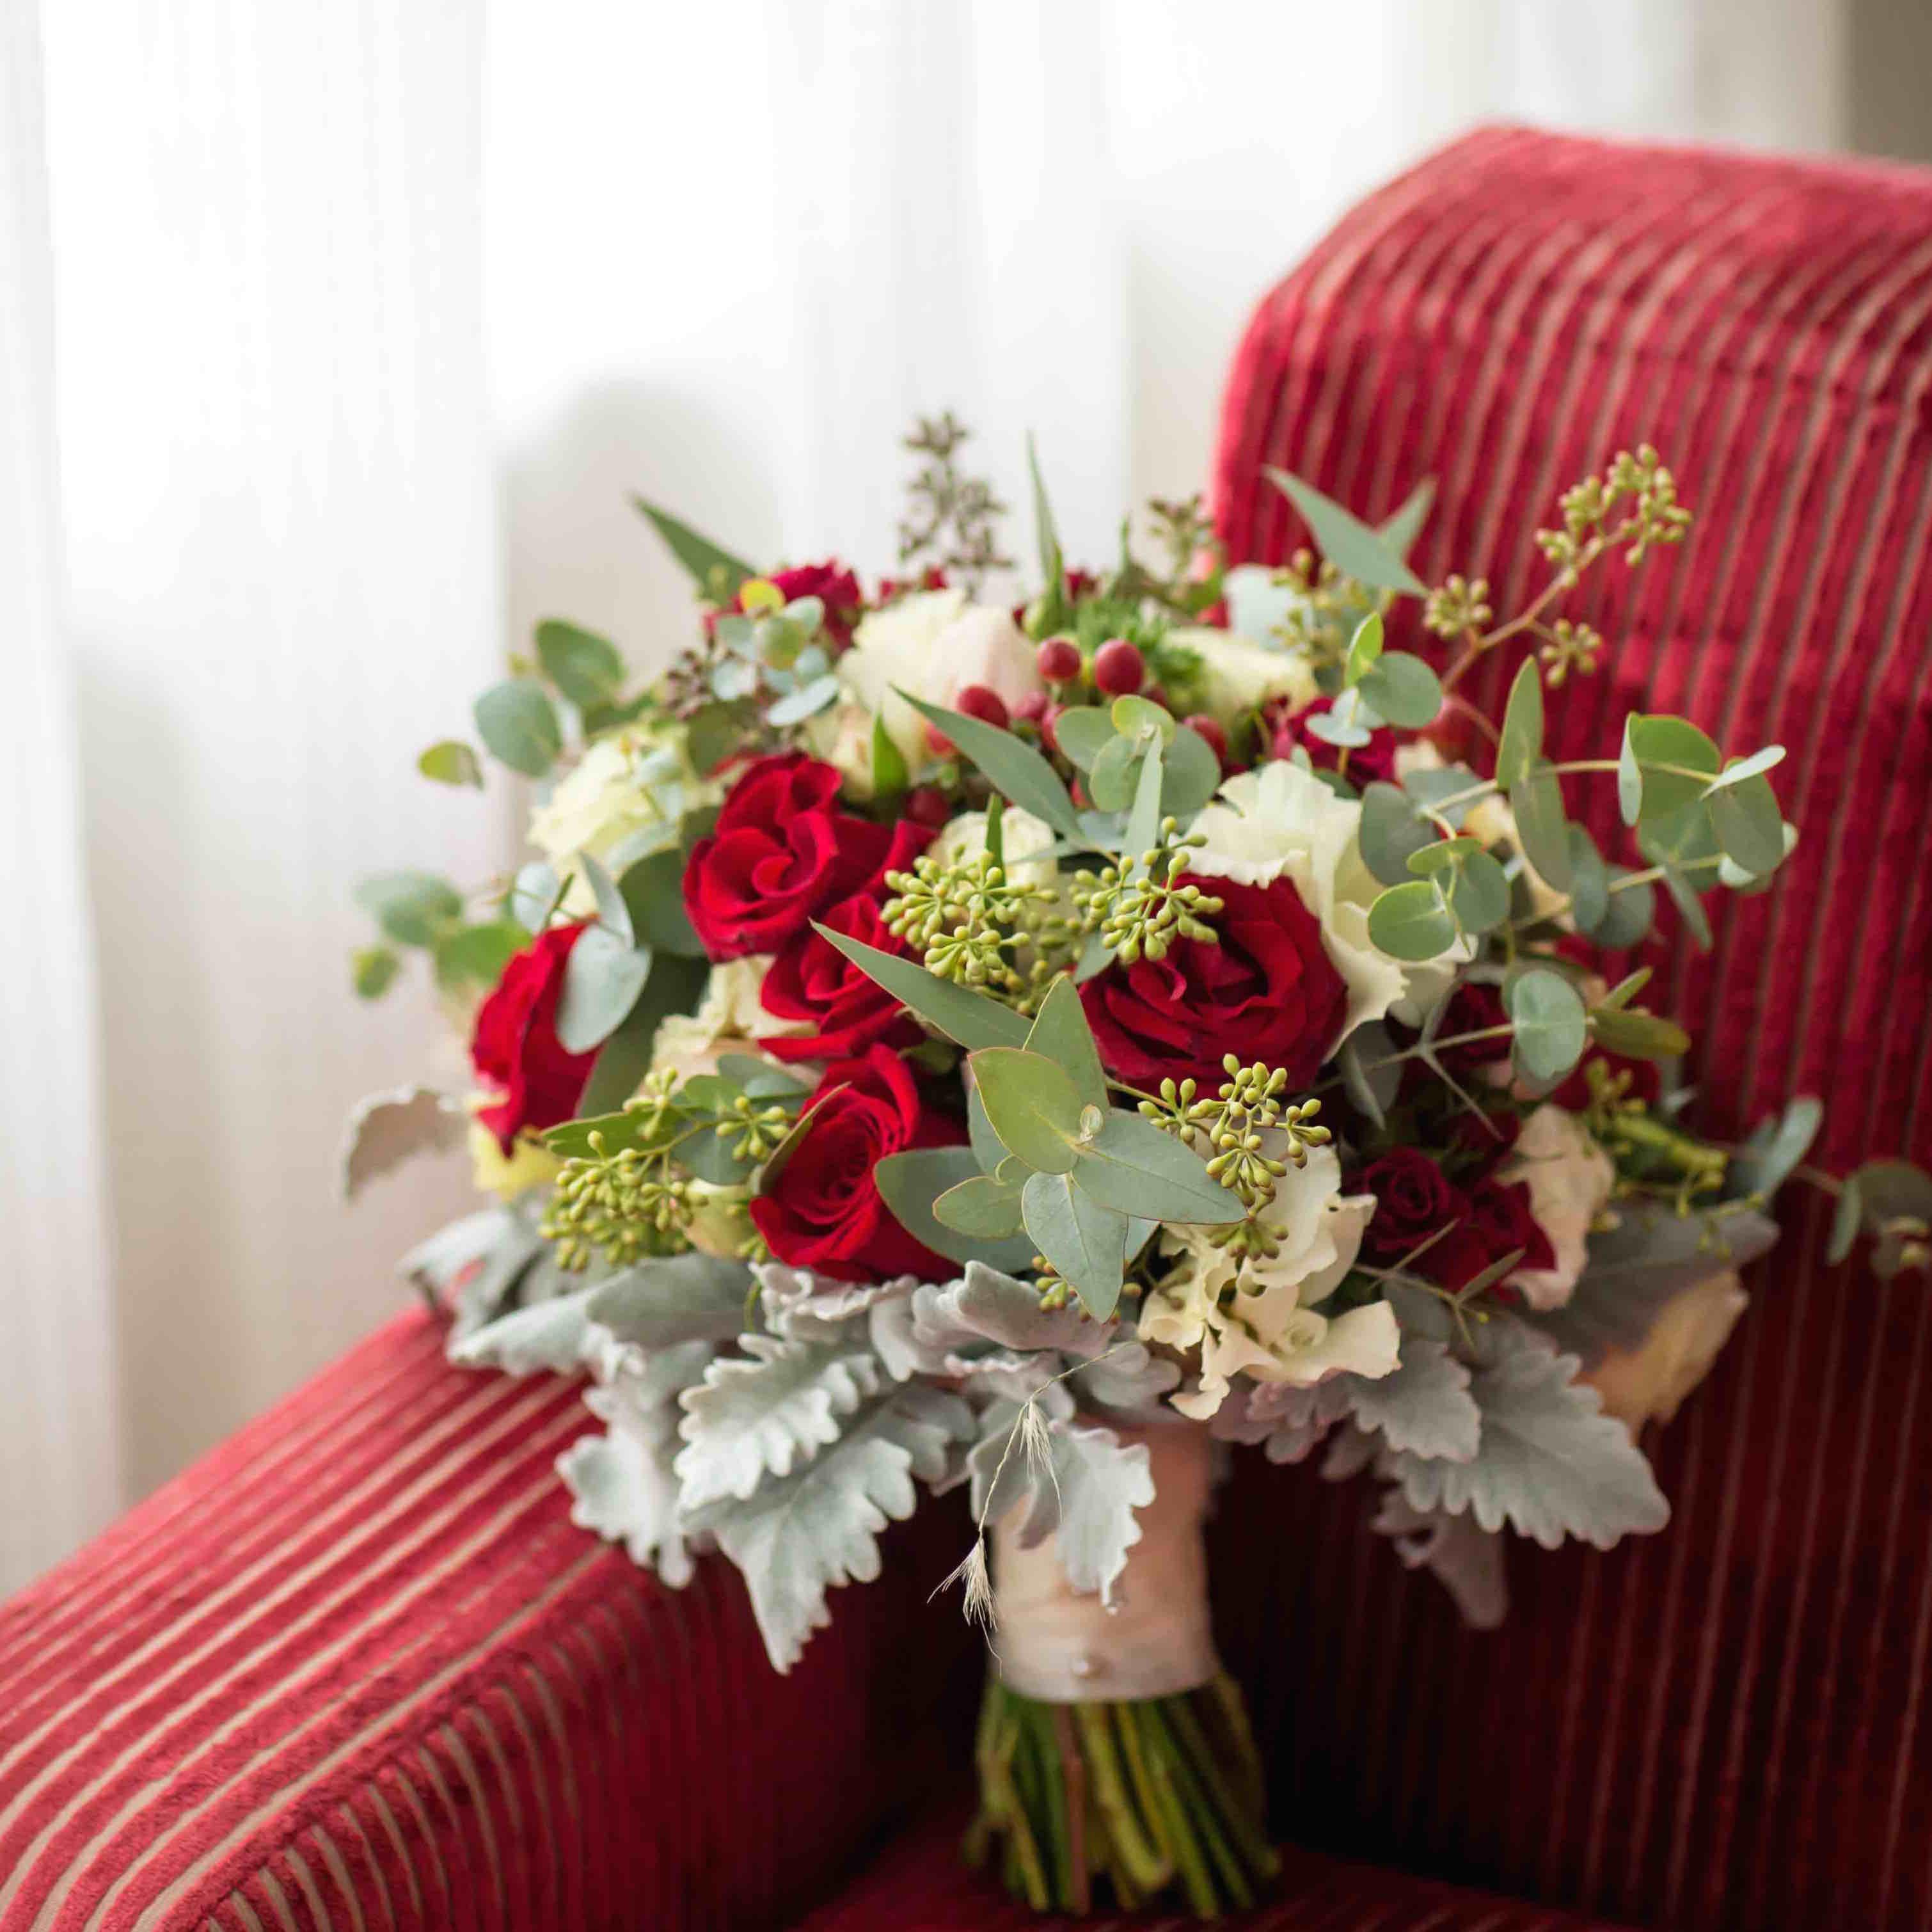 red-white-wedding-bouquet-hand-tied.jpg